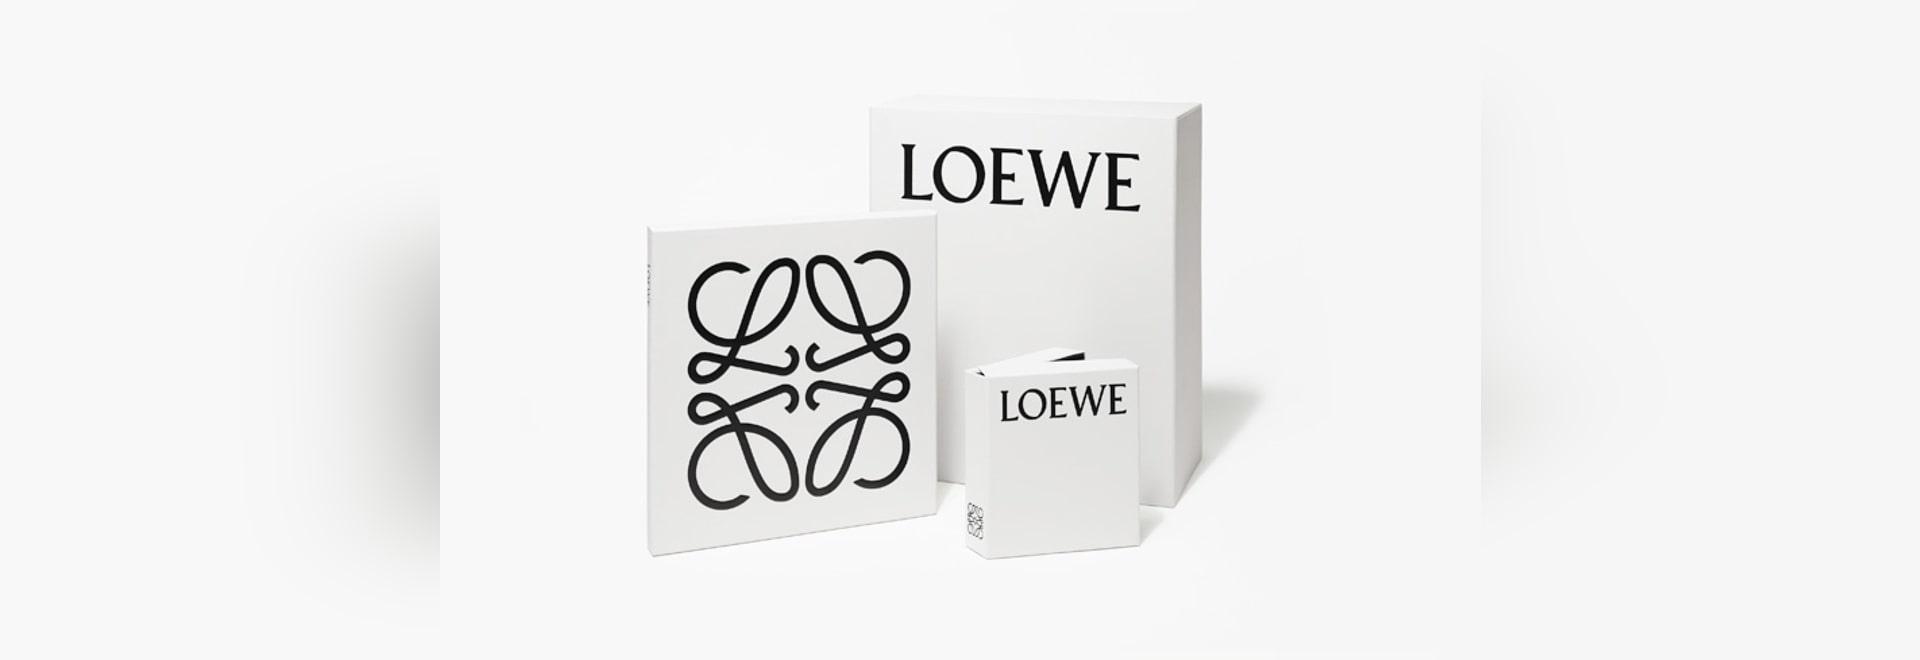 Unter der neuen kreativen Richtung von JW Anderson, hat spanische Luxuxmarke Loewe Entwerfer Michael Amzalag und Mathias Augustyniak von M/M (Paris) eingetragen um eine neue grafische Identität für...